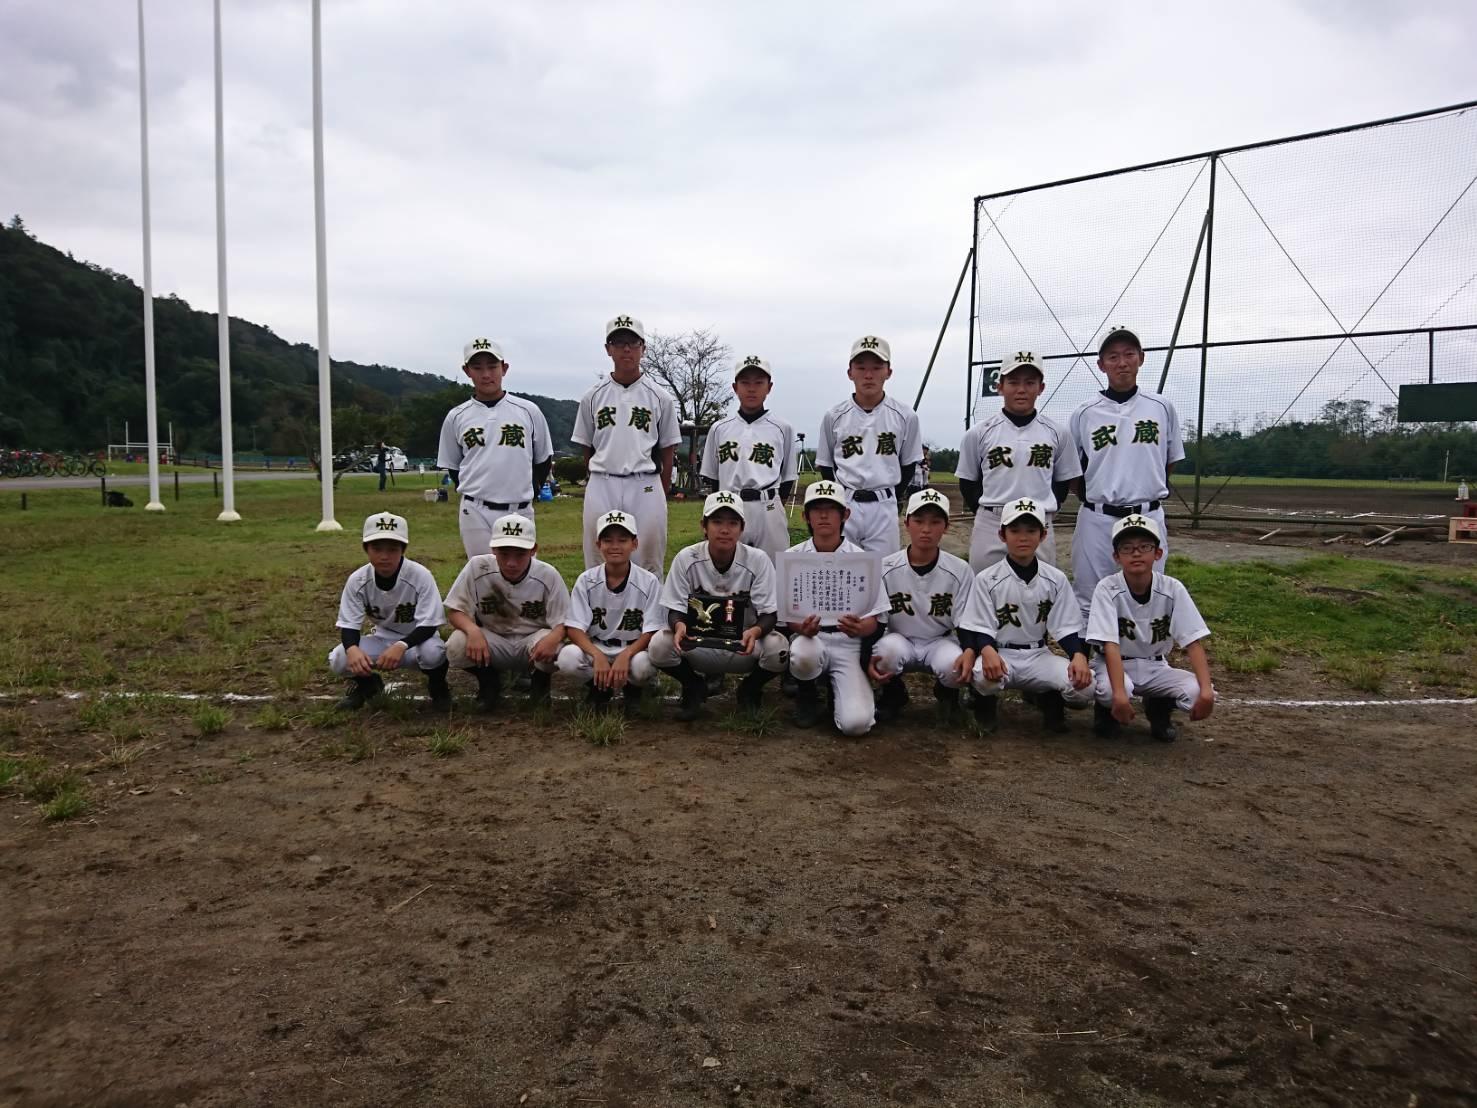 第43回八王子市少年軟式野球秋季大会 準優勝(中学) 八王子武蔵 平成30年10月8日